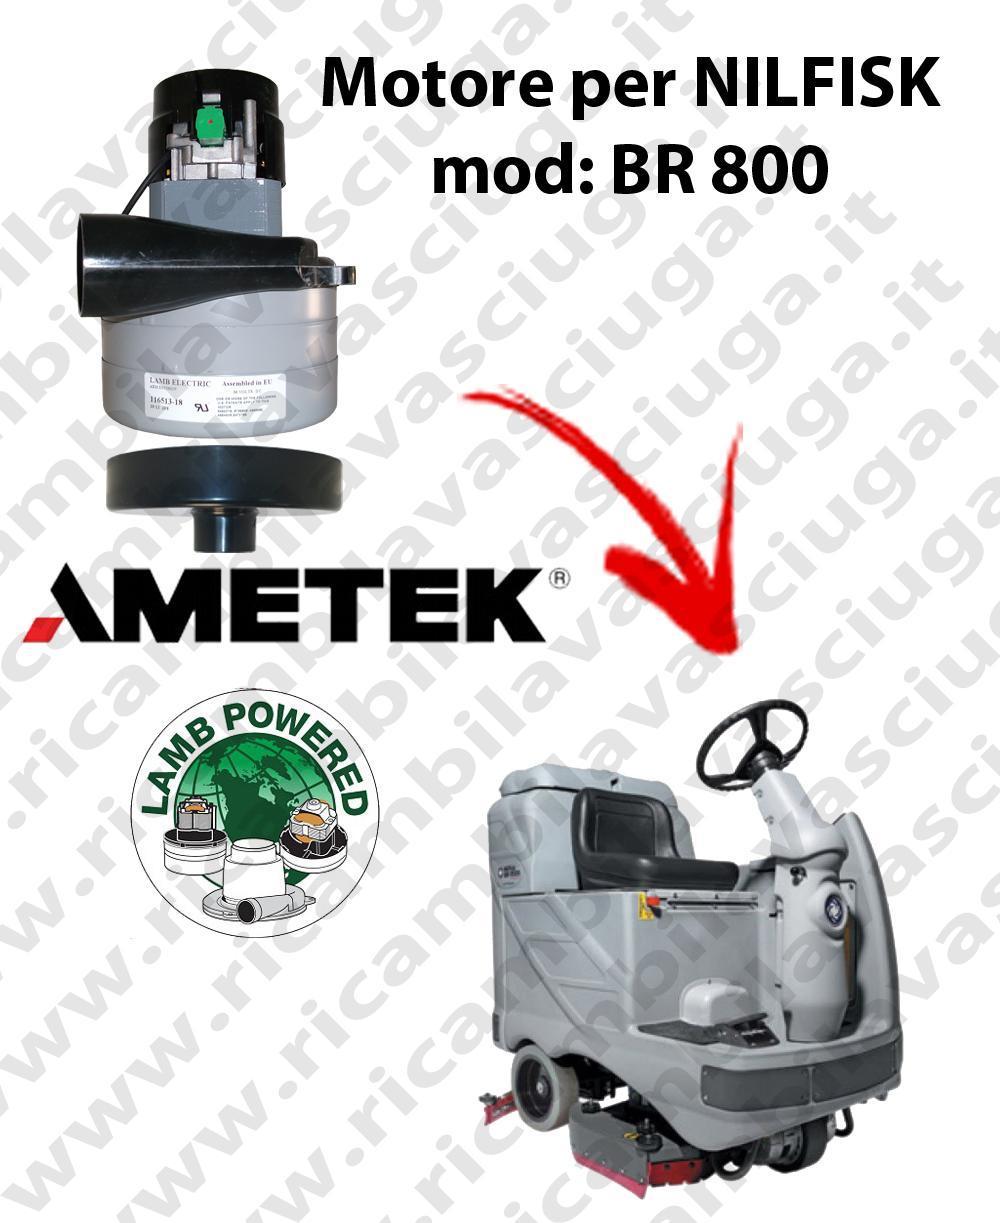 BR 800 MOTEUR ASPIRATION LAMB AMETEK pour autolaveuses NILFISK